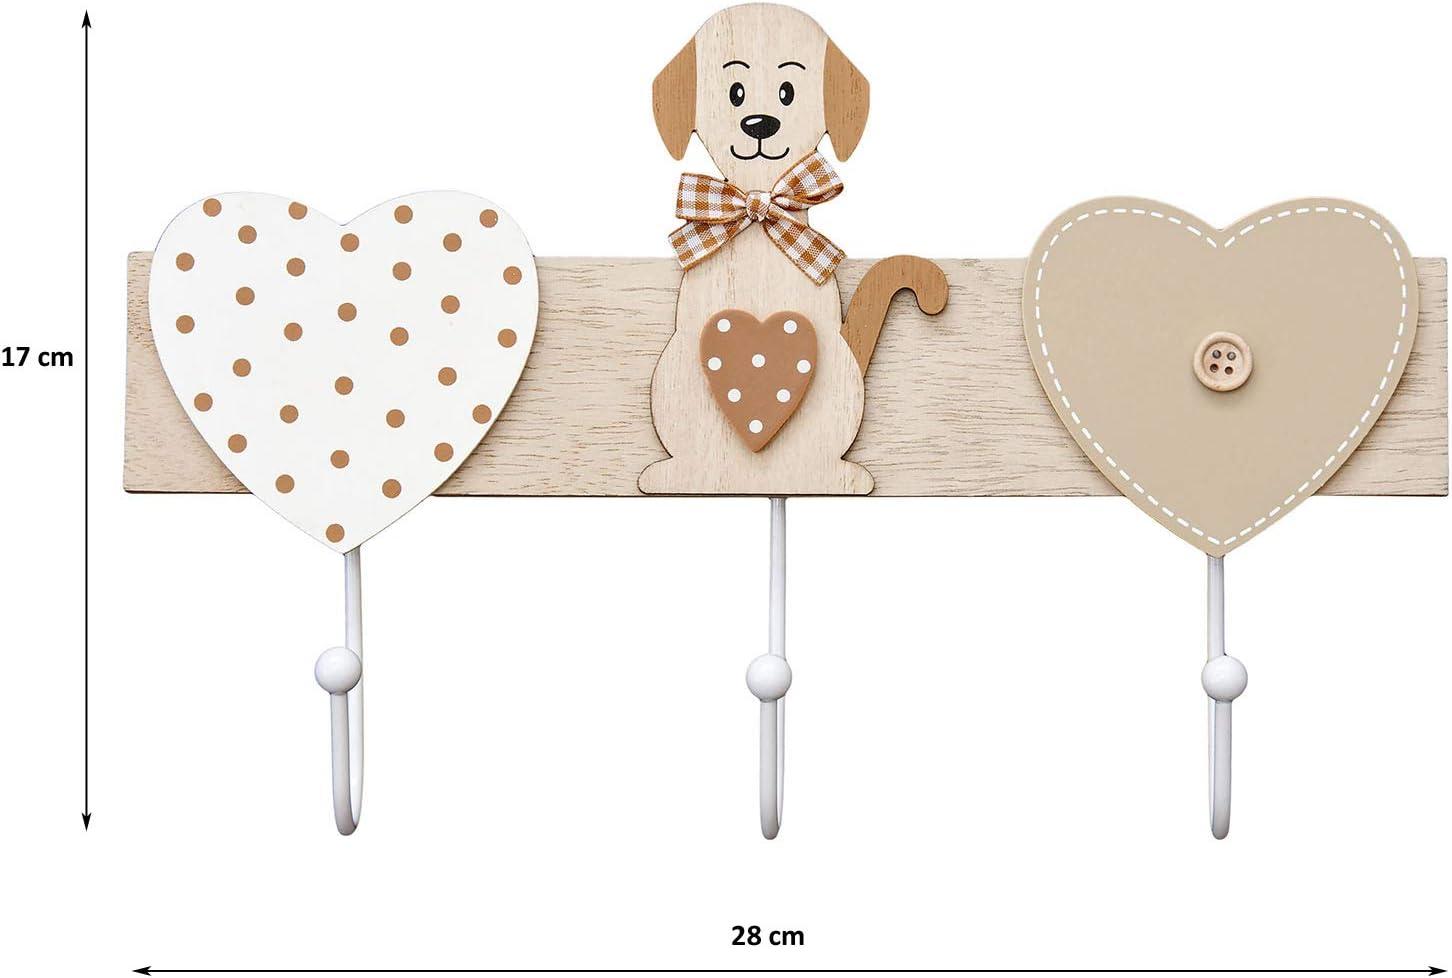 Marron e Bianchi Dog Heart Coat Hook Rack Arredamento Appendiabiti da Muro 3 Ganci in Legno attaccapanni Montato da Parete Ganci Appendiabiti Decorativi con Cuore e Disegno di Animale di Gatto